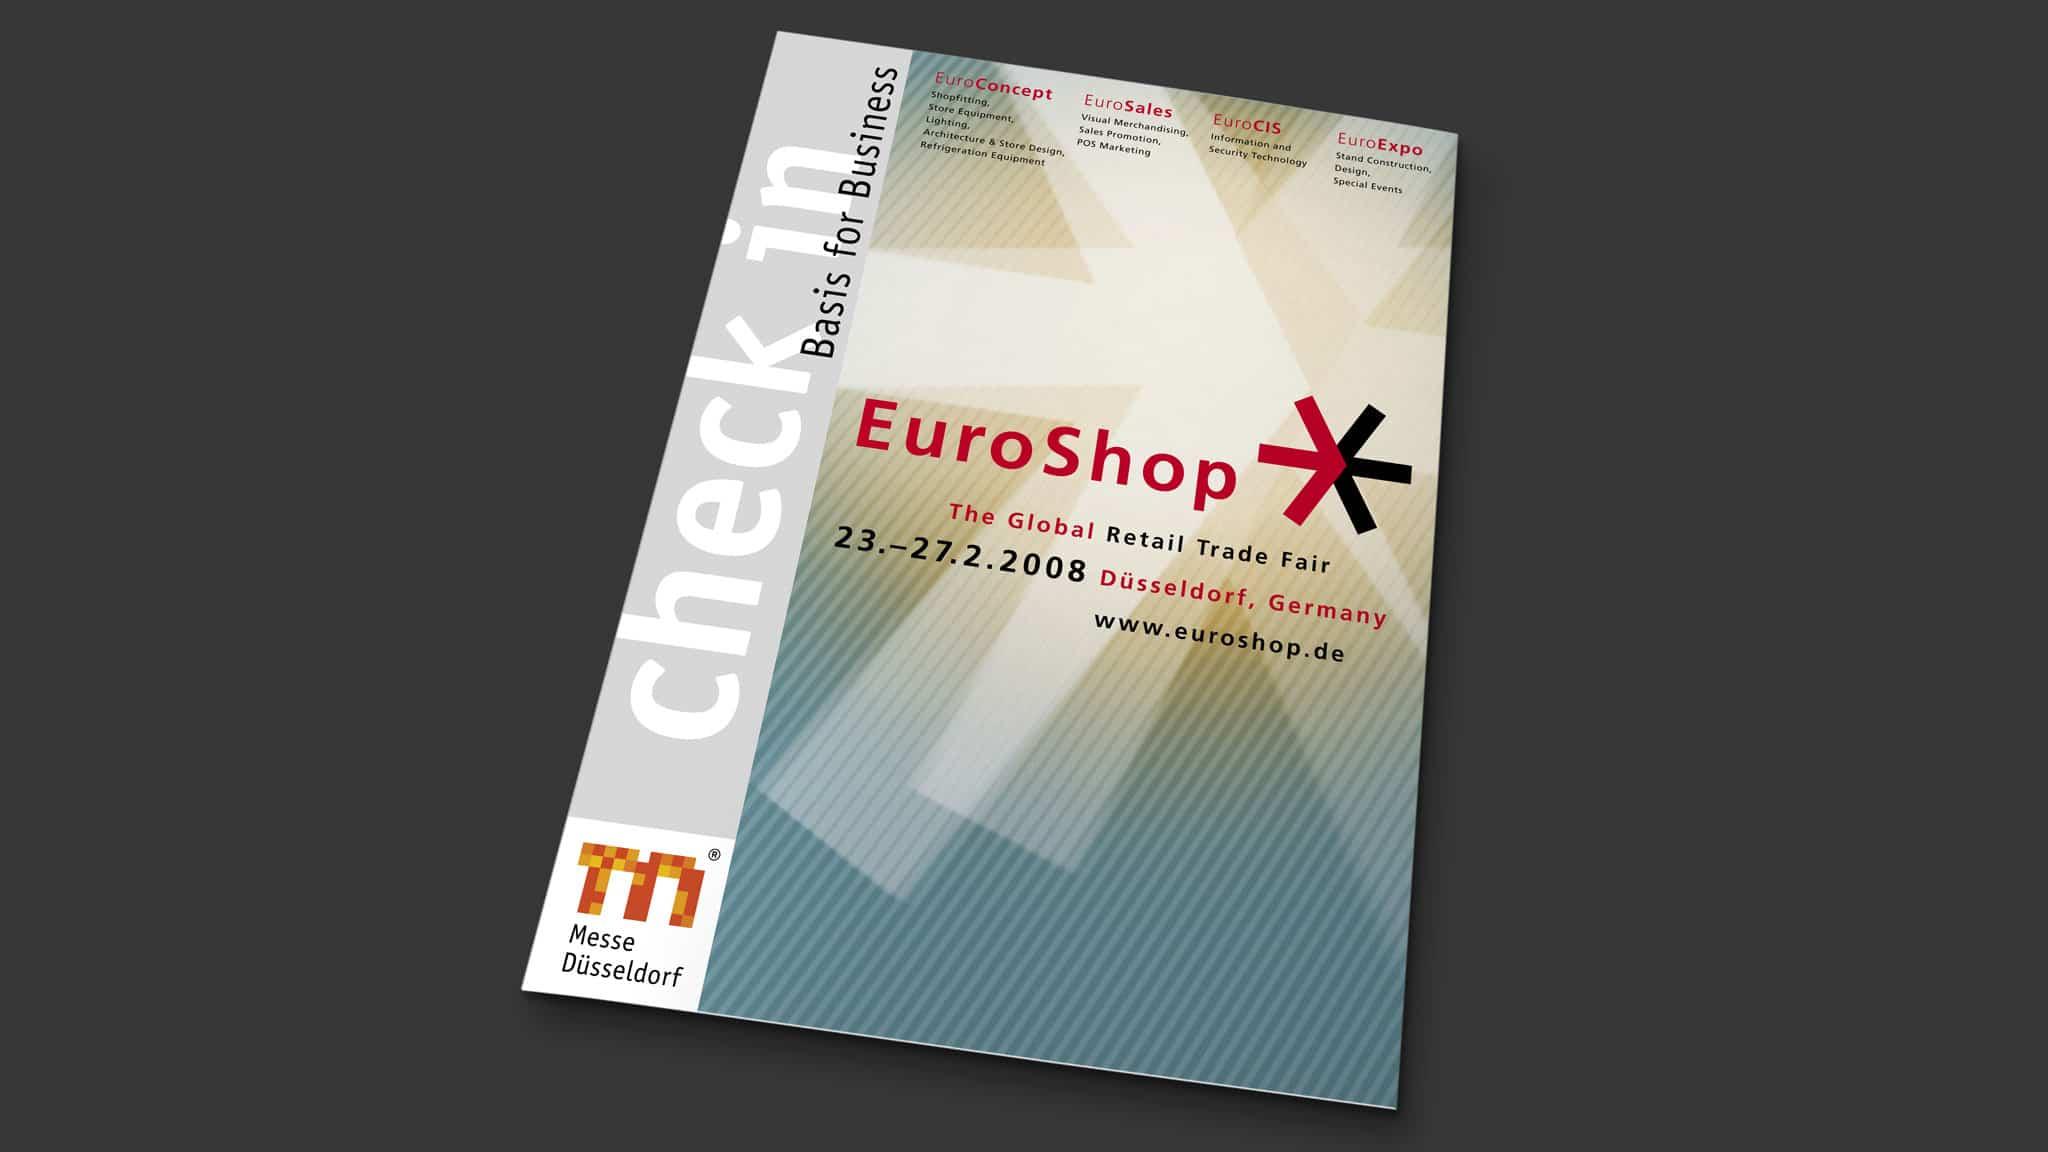 Titel Check in Broschüre für die EuroShop